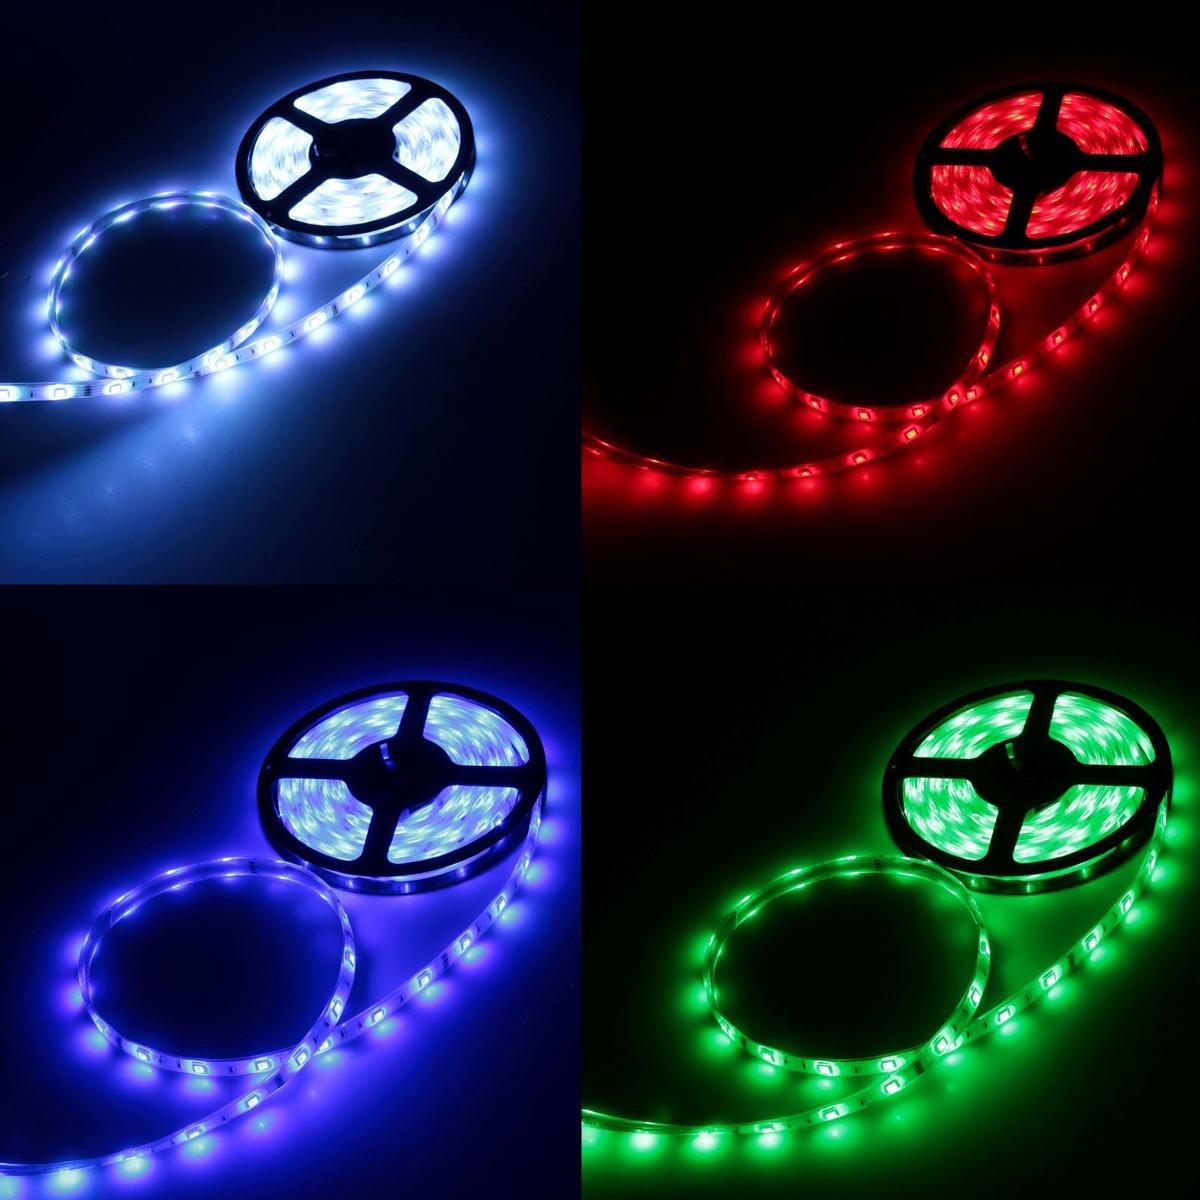 Светодиодная лента Luazon, 12В, SMD5050, длина 5 м, IP68, 30 LED ламп, 7.2 Вт/м, 14-16 Лм/1 LED, DC, цвет: мультиколор883938Светодиодные гирлянды, ленты и т.д — это отличный вариант для новогоднего оформления интерьера или фасада. С их помощью помещение любого размера можно превратить в праздничный зал, а внешние элементы зданий, украшенные ими, мгновенно станут напоминать очертания сказочного дворца. Такие украшения создают ауру предвкушения чуда. Деревья, фасады, витрины, окна и арки будто специально созданы, чтобы вы украсили их светящимися нитями.